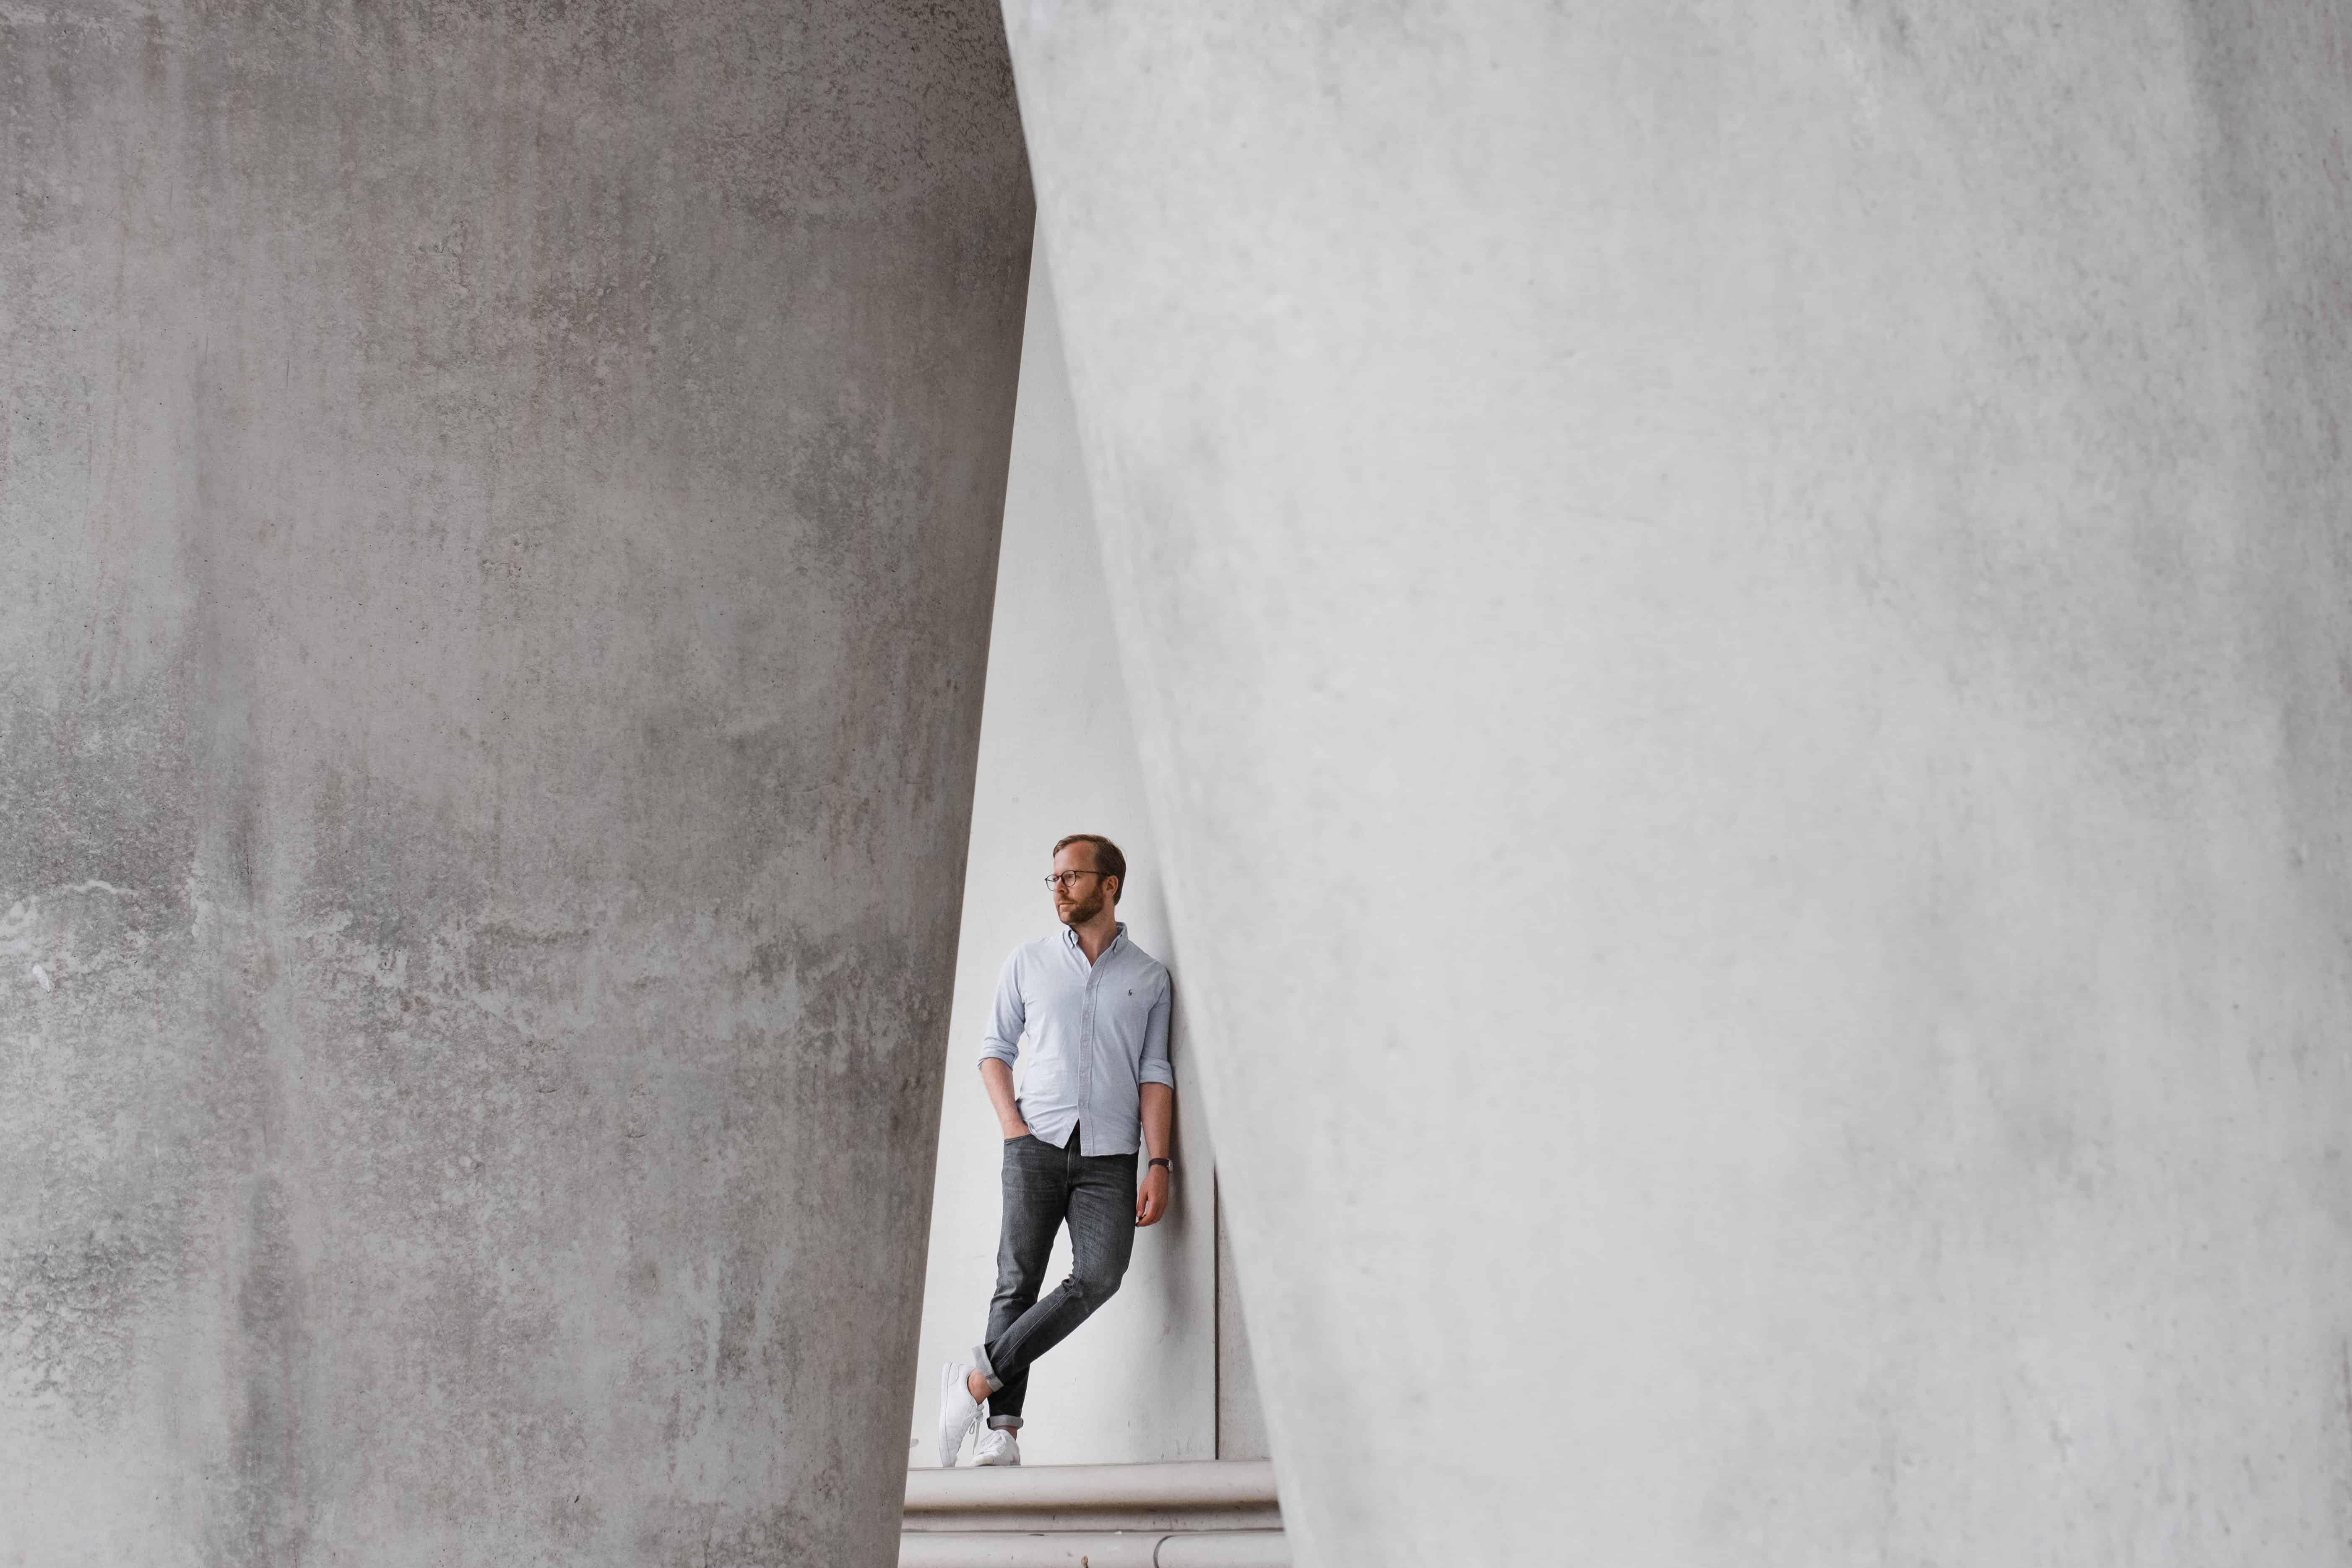 ein Mann lehnt seitlich an einer Betonwand, eine Hand hält er in die Hosentasche